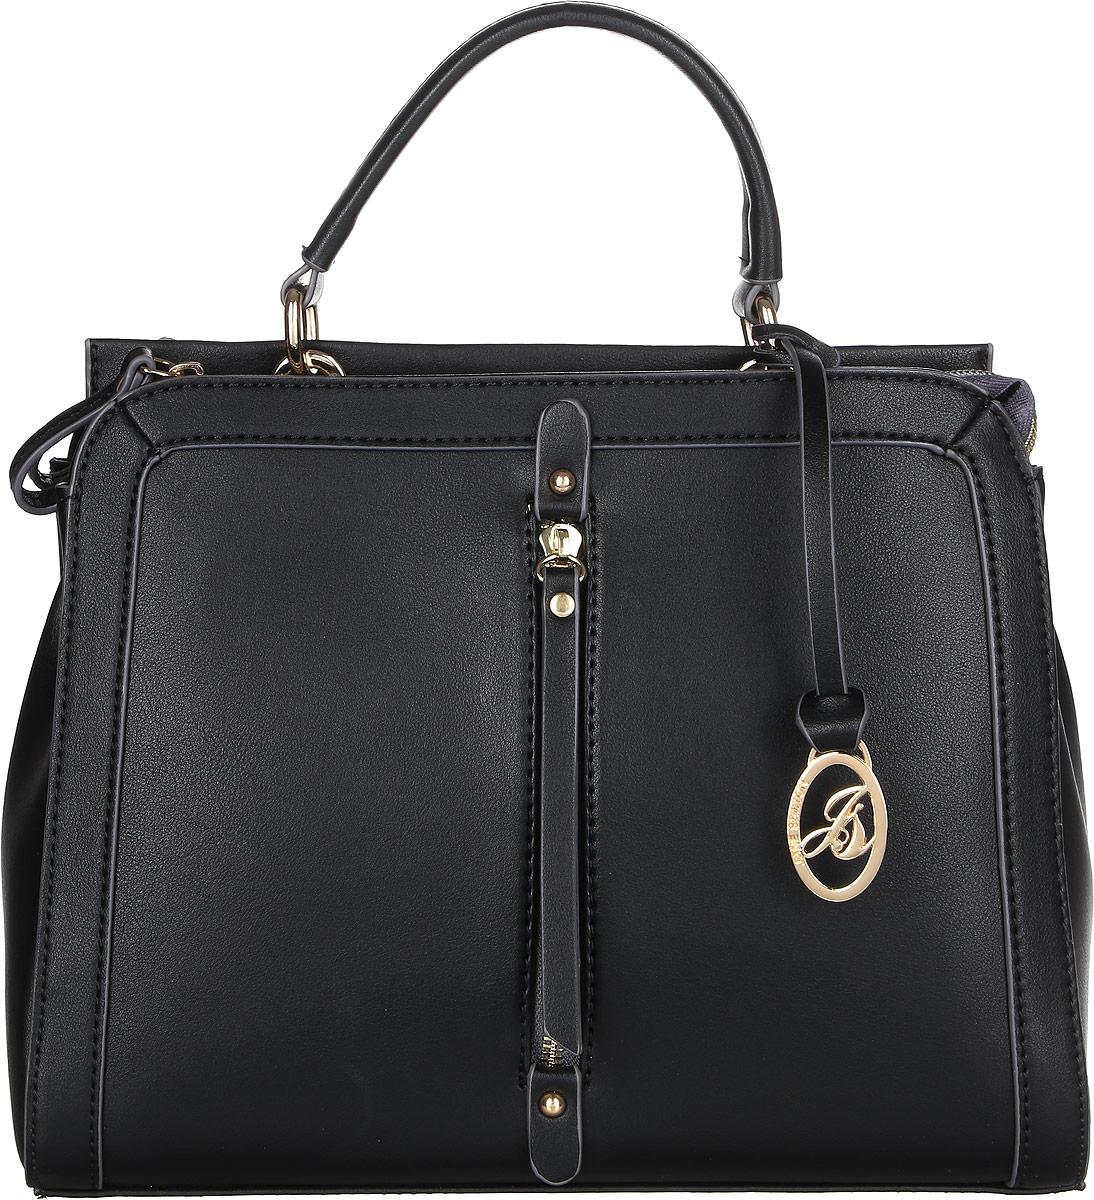 Сумка женская Jane Shilton, цвет: черный. 23373-47670-00504Стильная сумка Jane Shilton выполнена из искусственной кожи. Модель на одной ручке и съемном регулируемом ремне. Два отделения, каждое закрывается на молнию. Внутри одного кармашек на молнии, а внутри другого кармашек для мобильного телефона. Сзади прорезной карман на молнии.